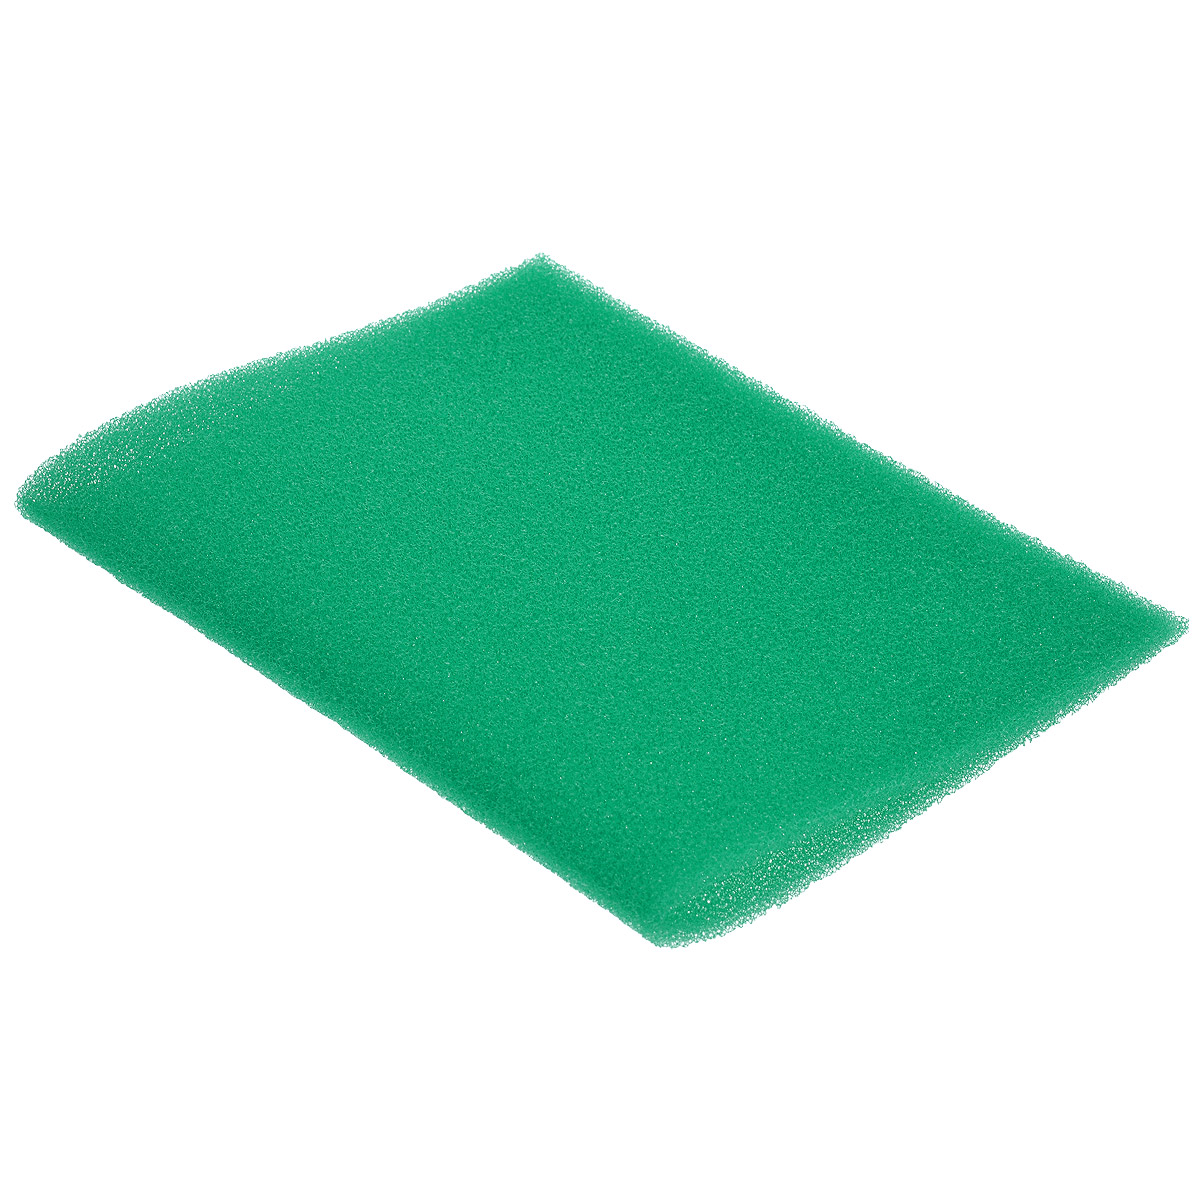 Коврик для холодильника Magic Power, антибактериальный, цвет: зеленый, 49 см х 32 смFS-00897Специальный антибактериальный коврик Magic Power предназначен для использования в контейнерах холодильника для хранения овощей и фруктов. Ячеистая структура материала предотвращает появление сырости, образование гнили и плесени, не позволяет размножаться опасным бактериям. Обеспечивает свежесть продуктов в течение длительного времени, благодаря циркуляции воздуха между продуктами и поверхностями холодильника.Можно использовать как коврик для сушки посуды.